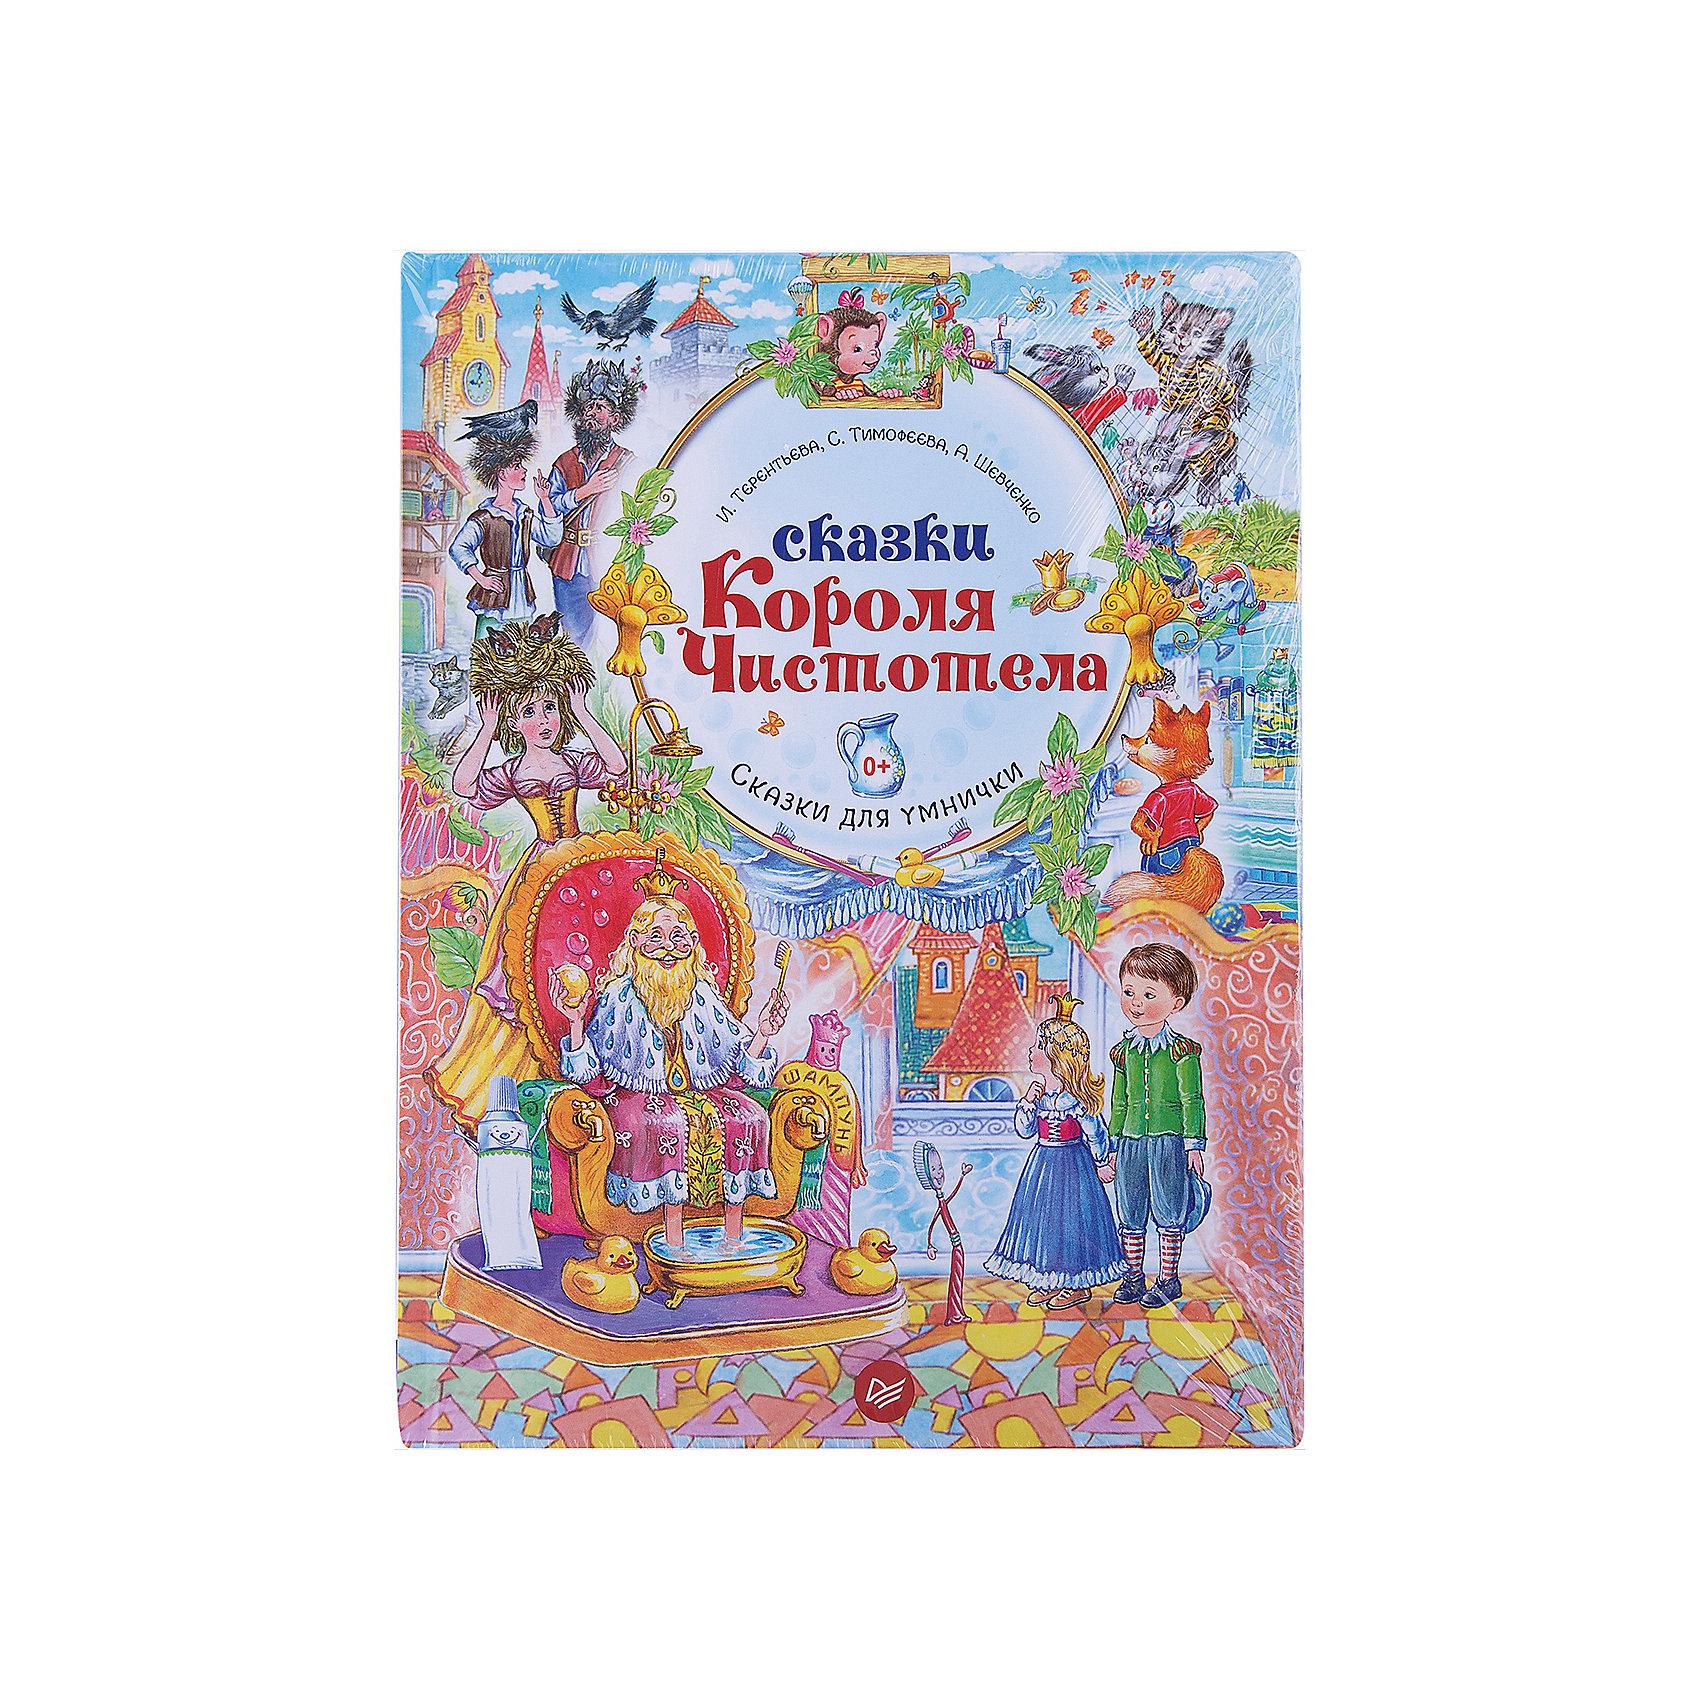 Сказки Короля ЧистотелаДетская психология и здоровье<br>Эта книга – сборник полезных сказок для детей. Чем же эти сказки отличаются от обычных? Тем, что они помогают родителям перестать читать детям нотации, а учат решать проблемы при помощи сказок. Зачем по десять раз на дню повторять «Убери игрушки», если можно прочитать добрую и поучительную сказку, и ребенок начнет сам убирать игрушки. <br>Эти сказки будут интересны детям не только благодаря своему сюжету, но и интересным обучающим заданиям. Ребенок просто не сможет оторваться от книги, ведь это будет не только чтение, но и развивающая игра.<br><br>Ширина мм: 260<br>Глубина мм: 201<br>Высота мм: 7<br>Вес г: 358<br>Возраст от месяцев: 12<br>Возраст до месяцев: 48<br>Пол: Унисекс<br>Возраст: Детский<br>SKU: 5018113